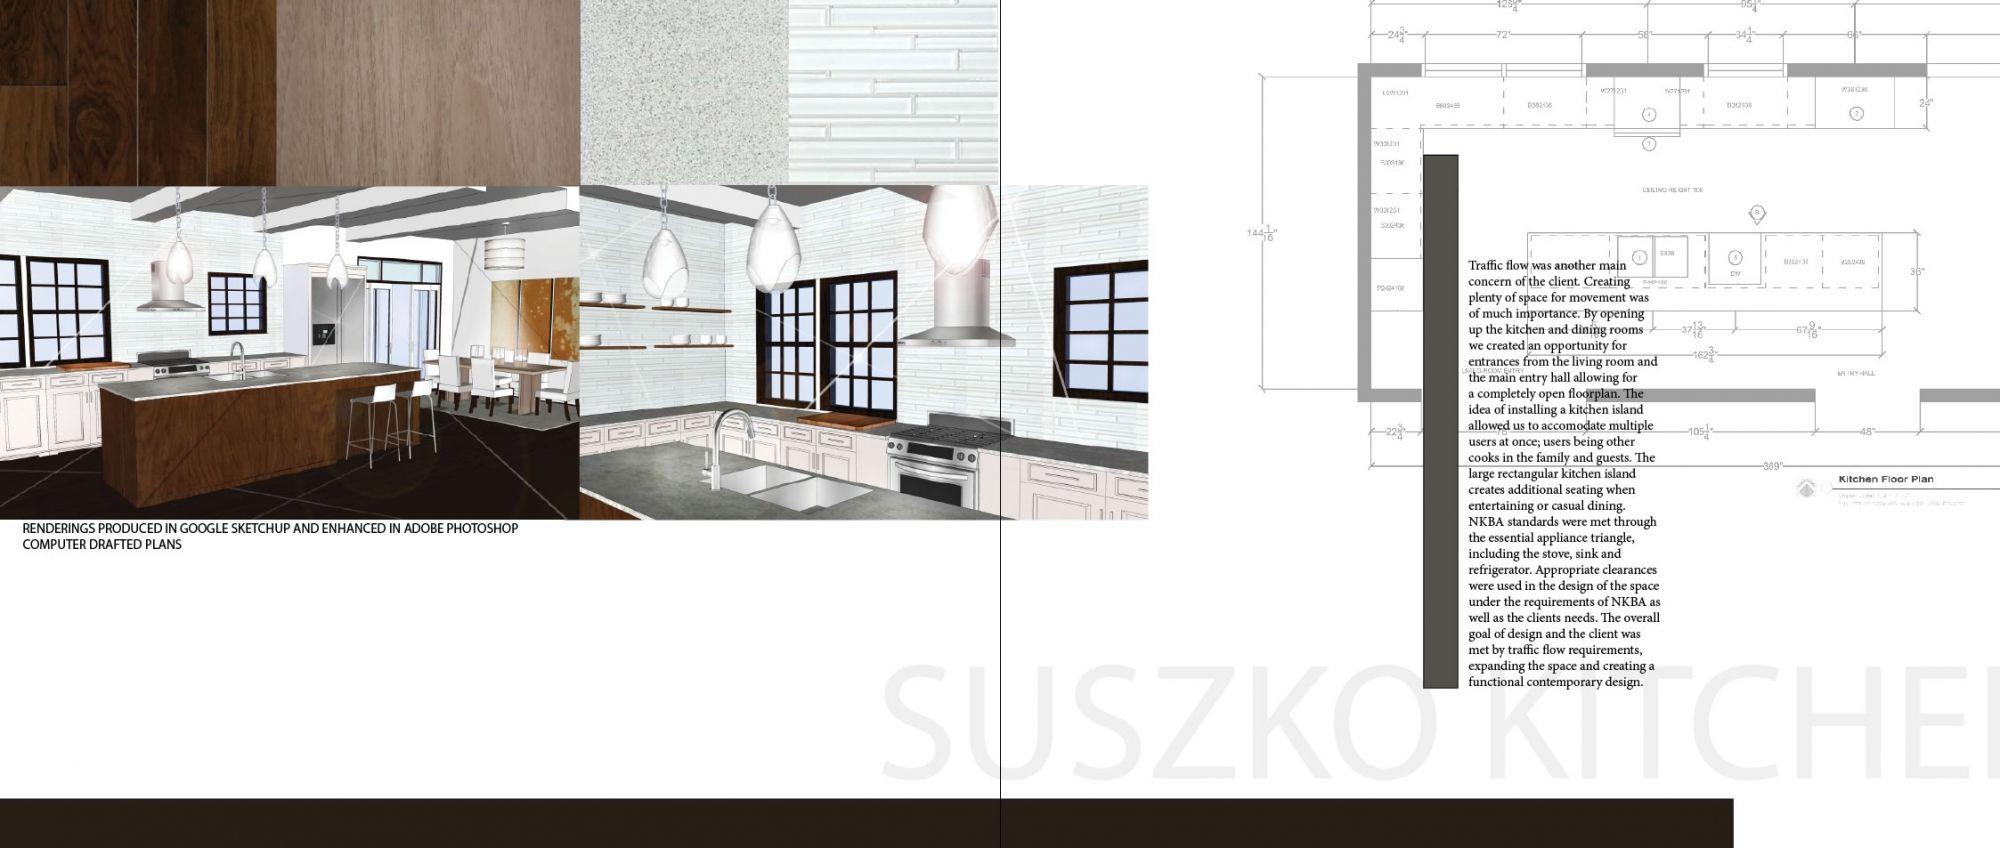 Residential Design Interior Design Portfolio With Images